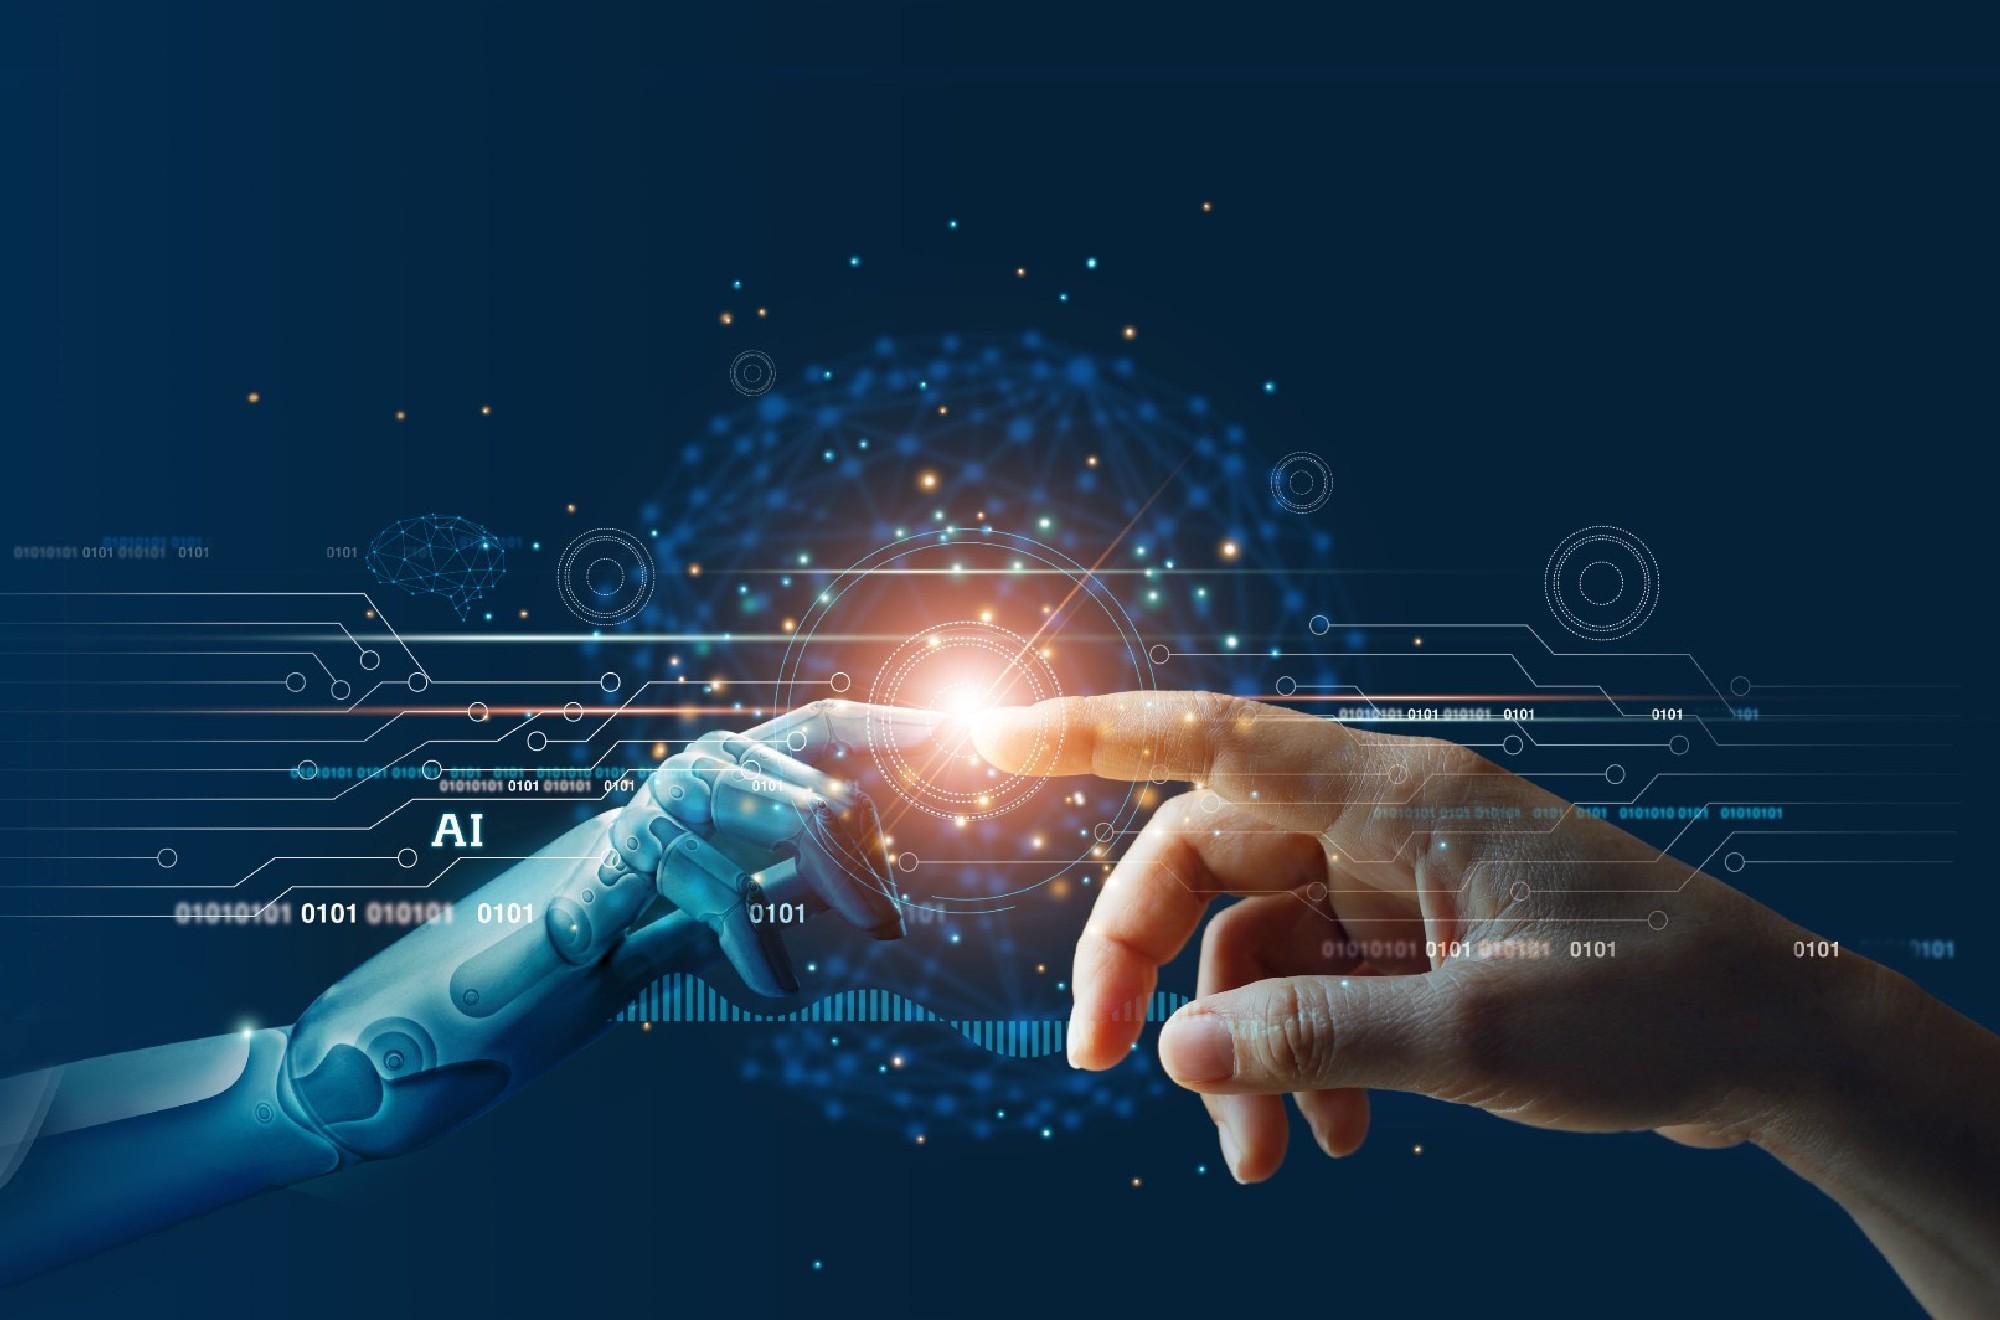 AIに関するよくある4つの誤った考え